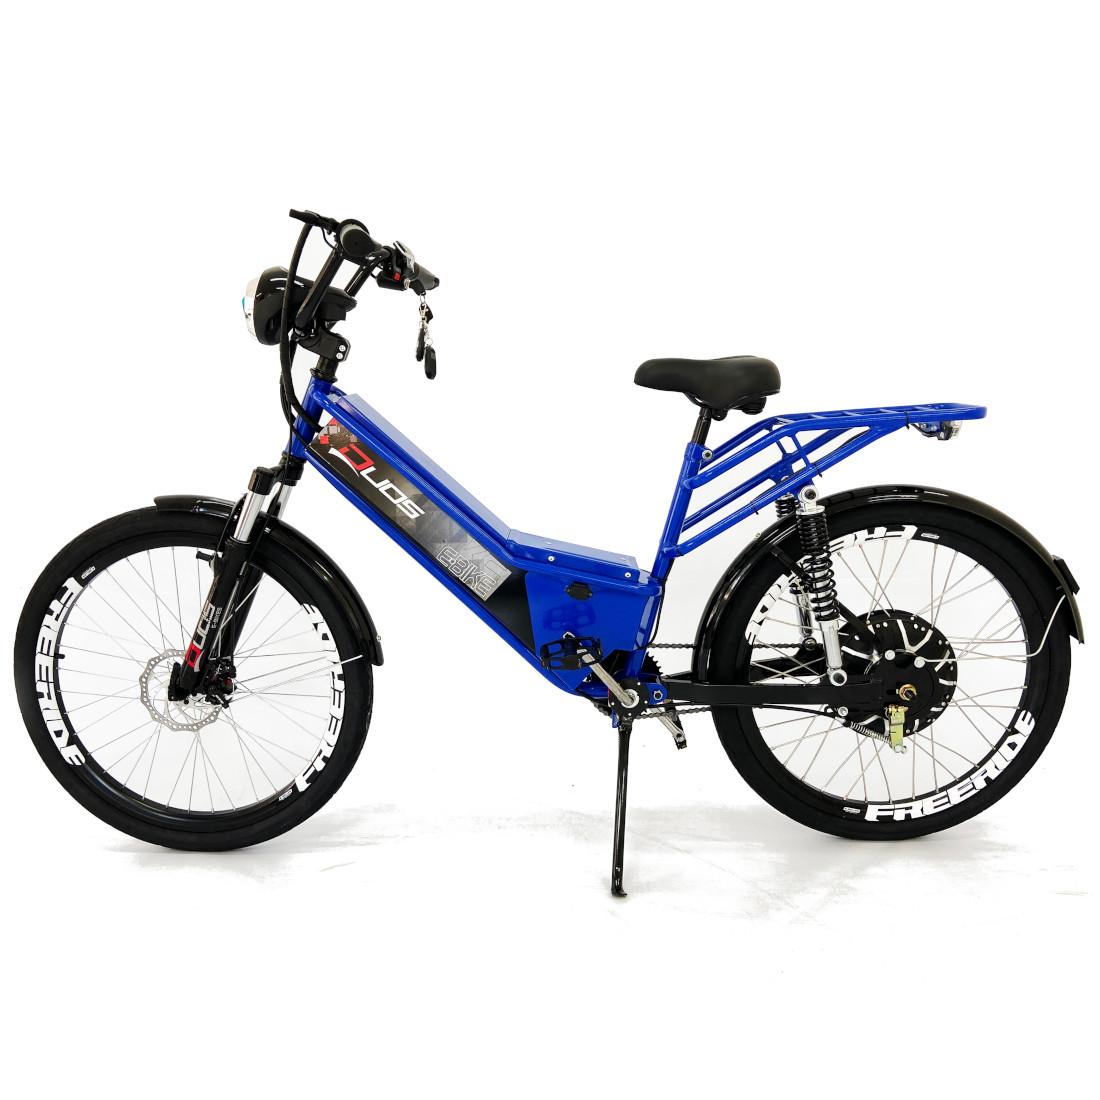 Bicicleta Elétrica com Bateria de Lítio 48V 13Ah Confort FULL Azul